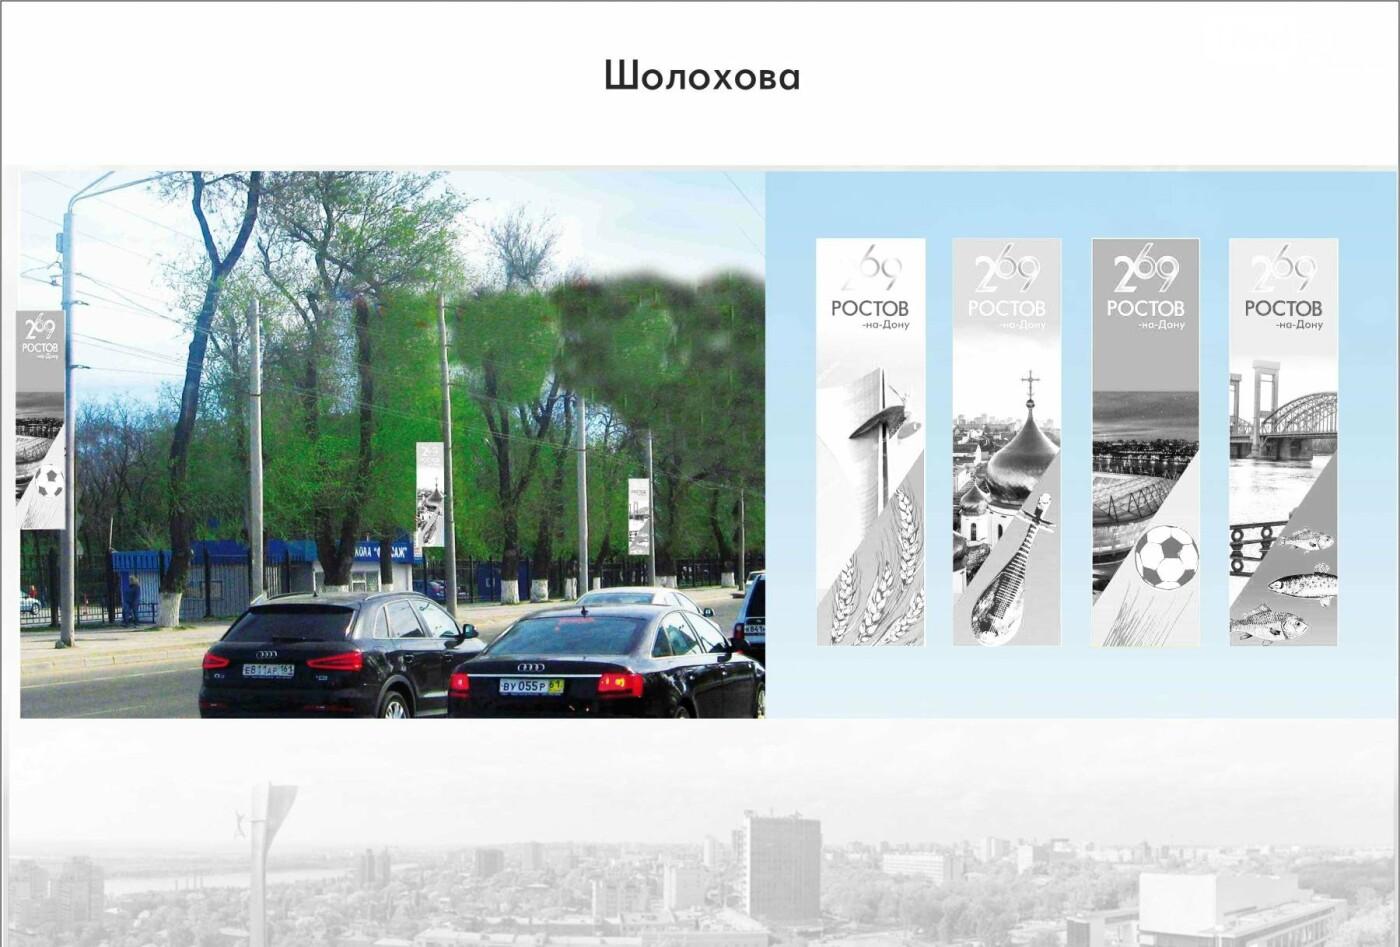 Ростов-на-Дону украсят ко Дню города за 1,6 млн рублей, фото-1